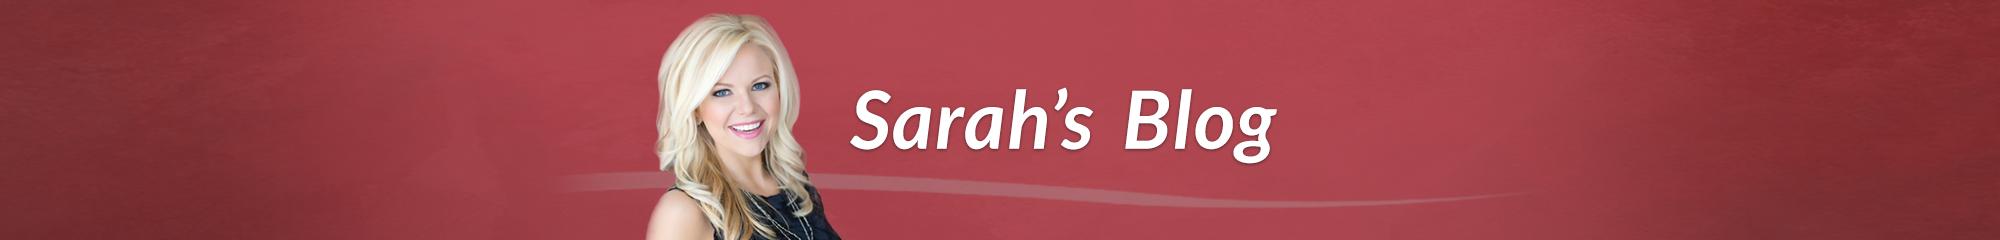 Sarah Robbins blog